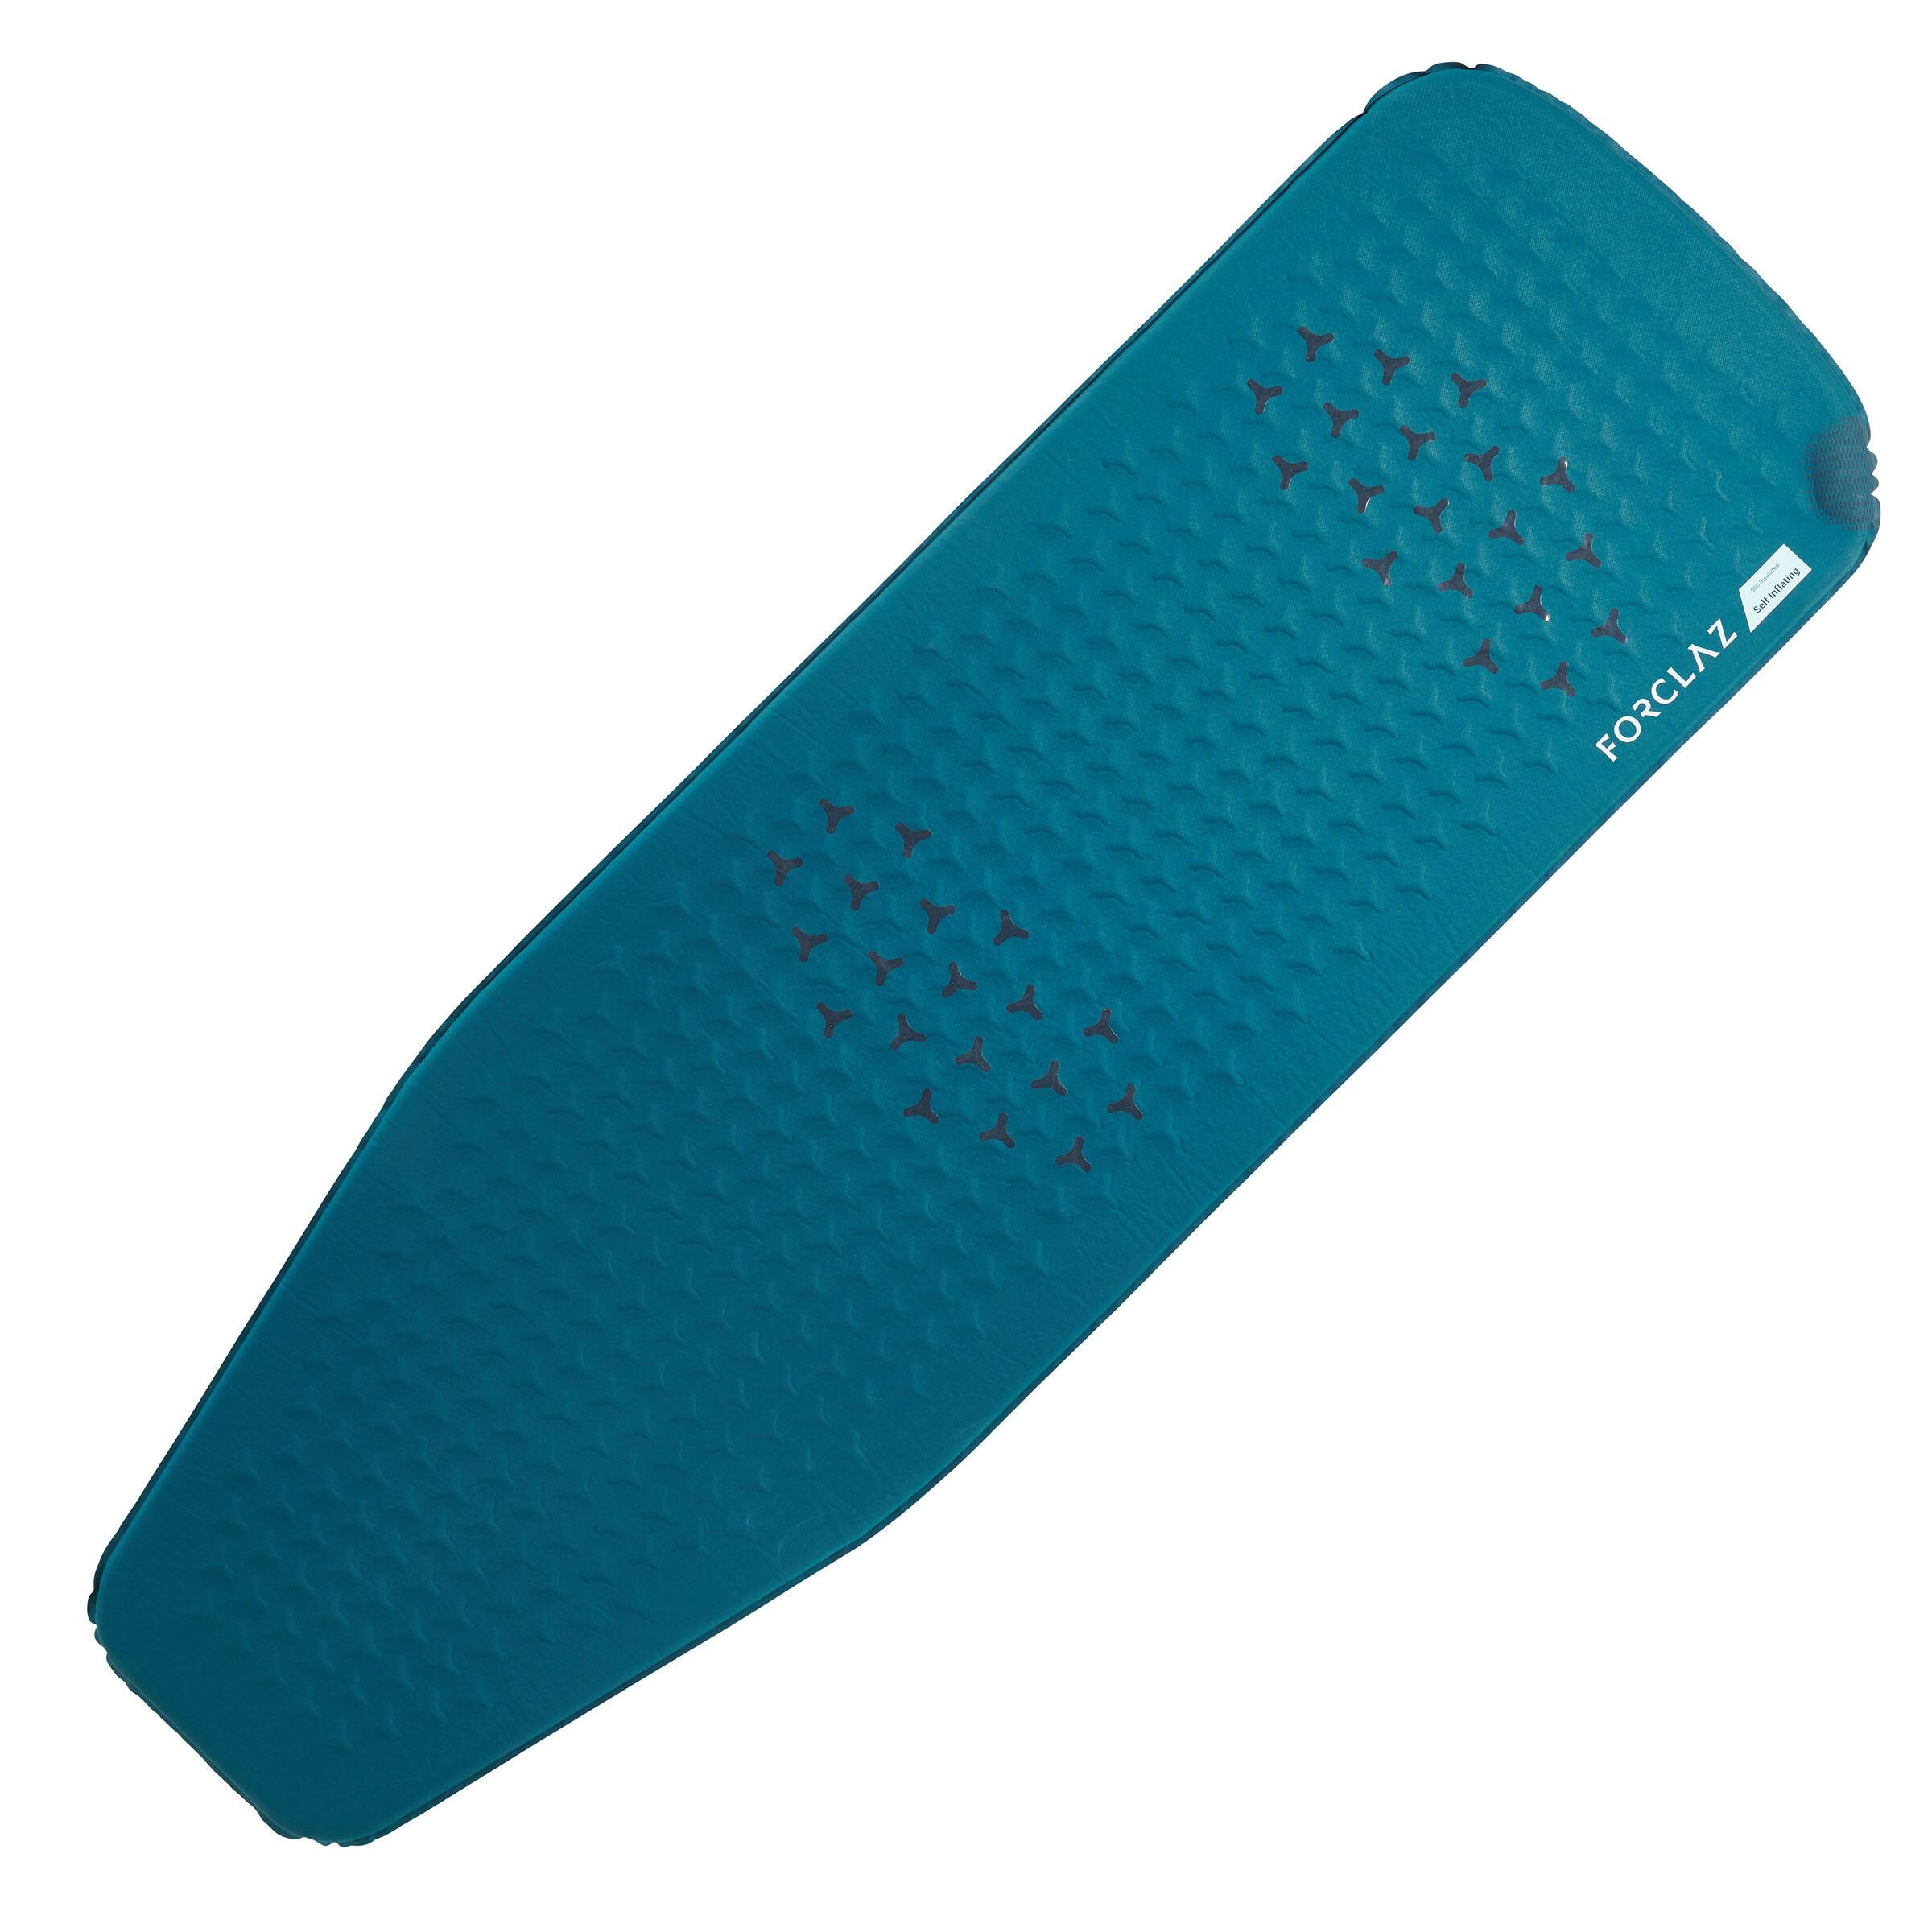 Forclaz Slaapmatje voor trekking Trek 500 zelfopblazend XL blauw